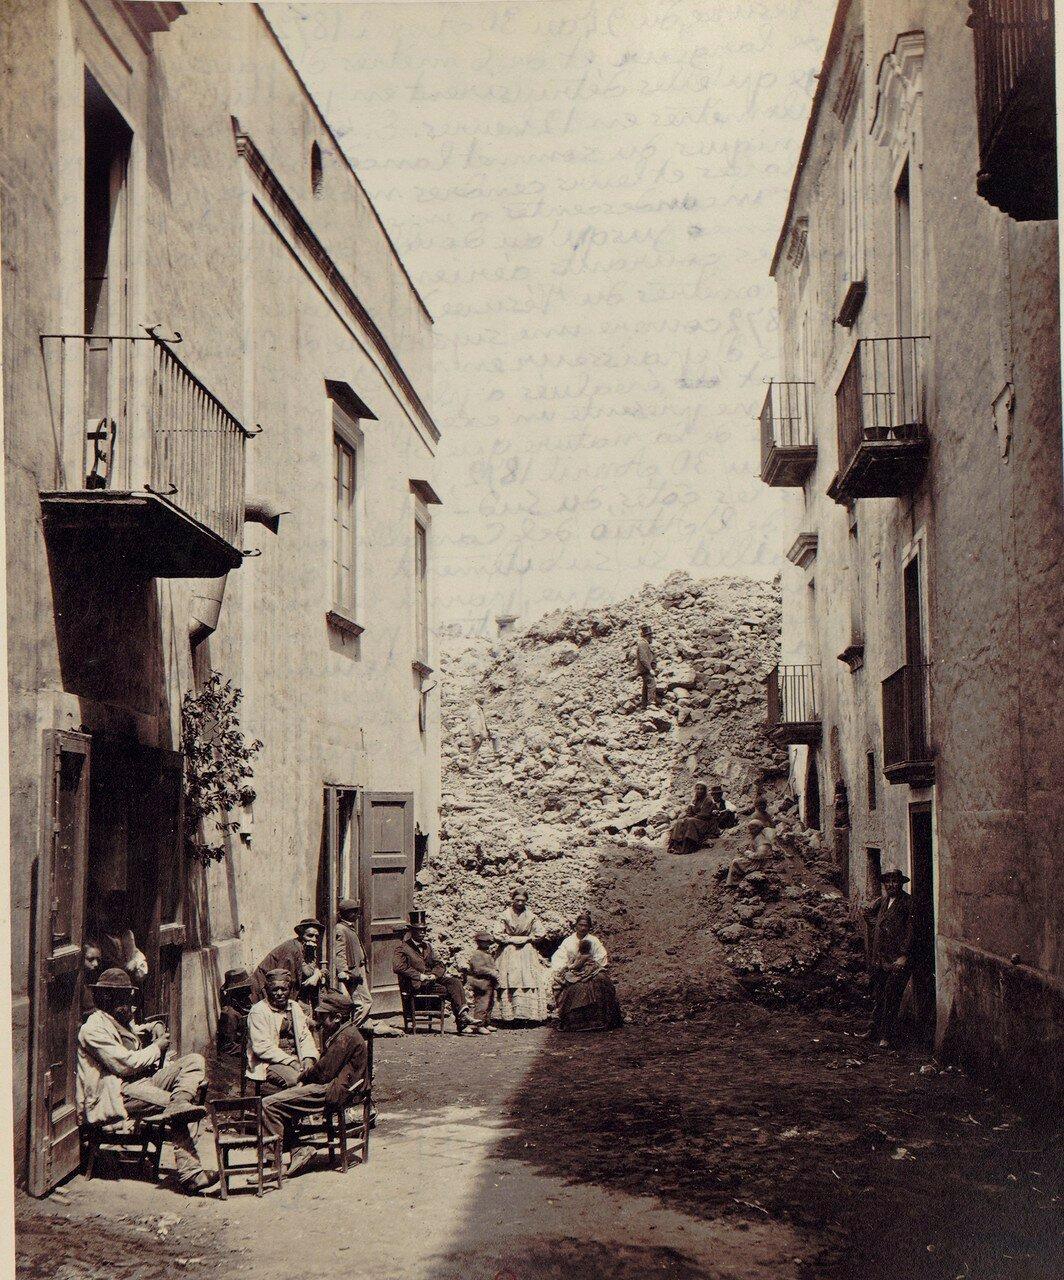 89. Окрестности Неаполя. Сан-Себастьяно, разрушенный извержением 1872 года. Лава перемещалась со скоростью 5 километров за 12 часов